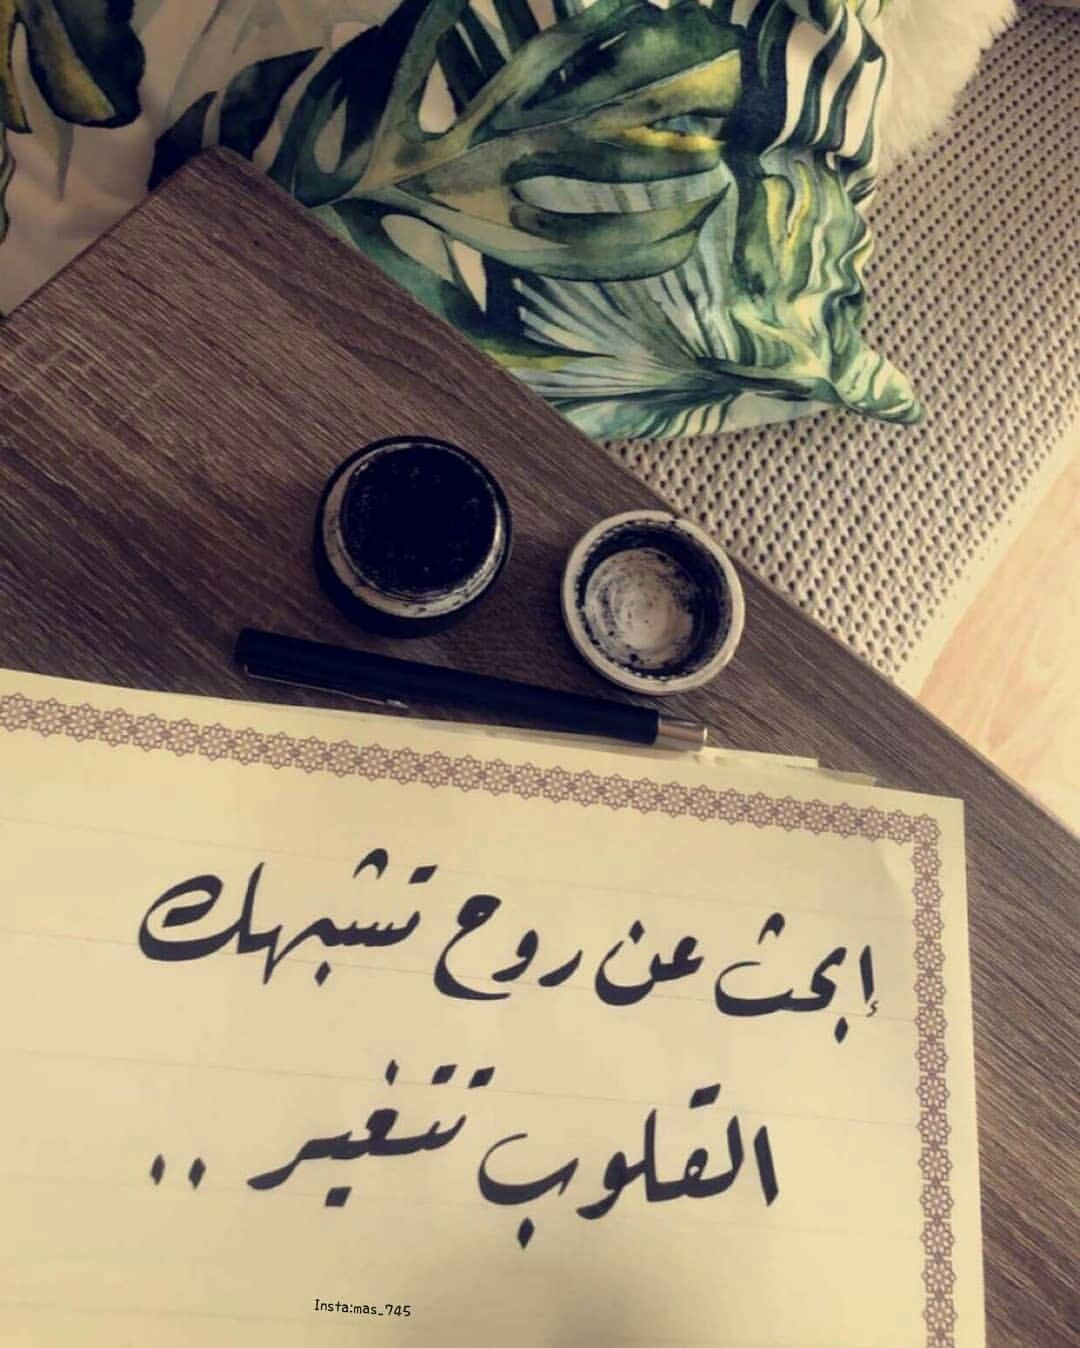 التفاؤل العبيط بتاعك مش هيوصلك معنى يفهمك بالرقي ده Love Quotes Wallpaper Arabic Love Quotes Soul Quotes